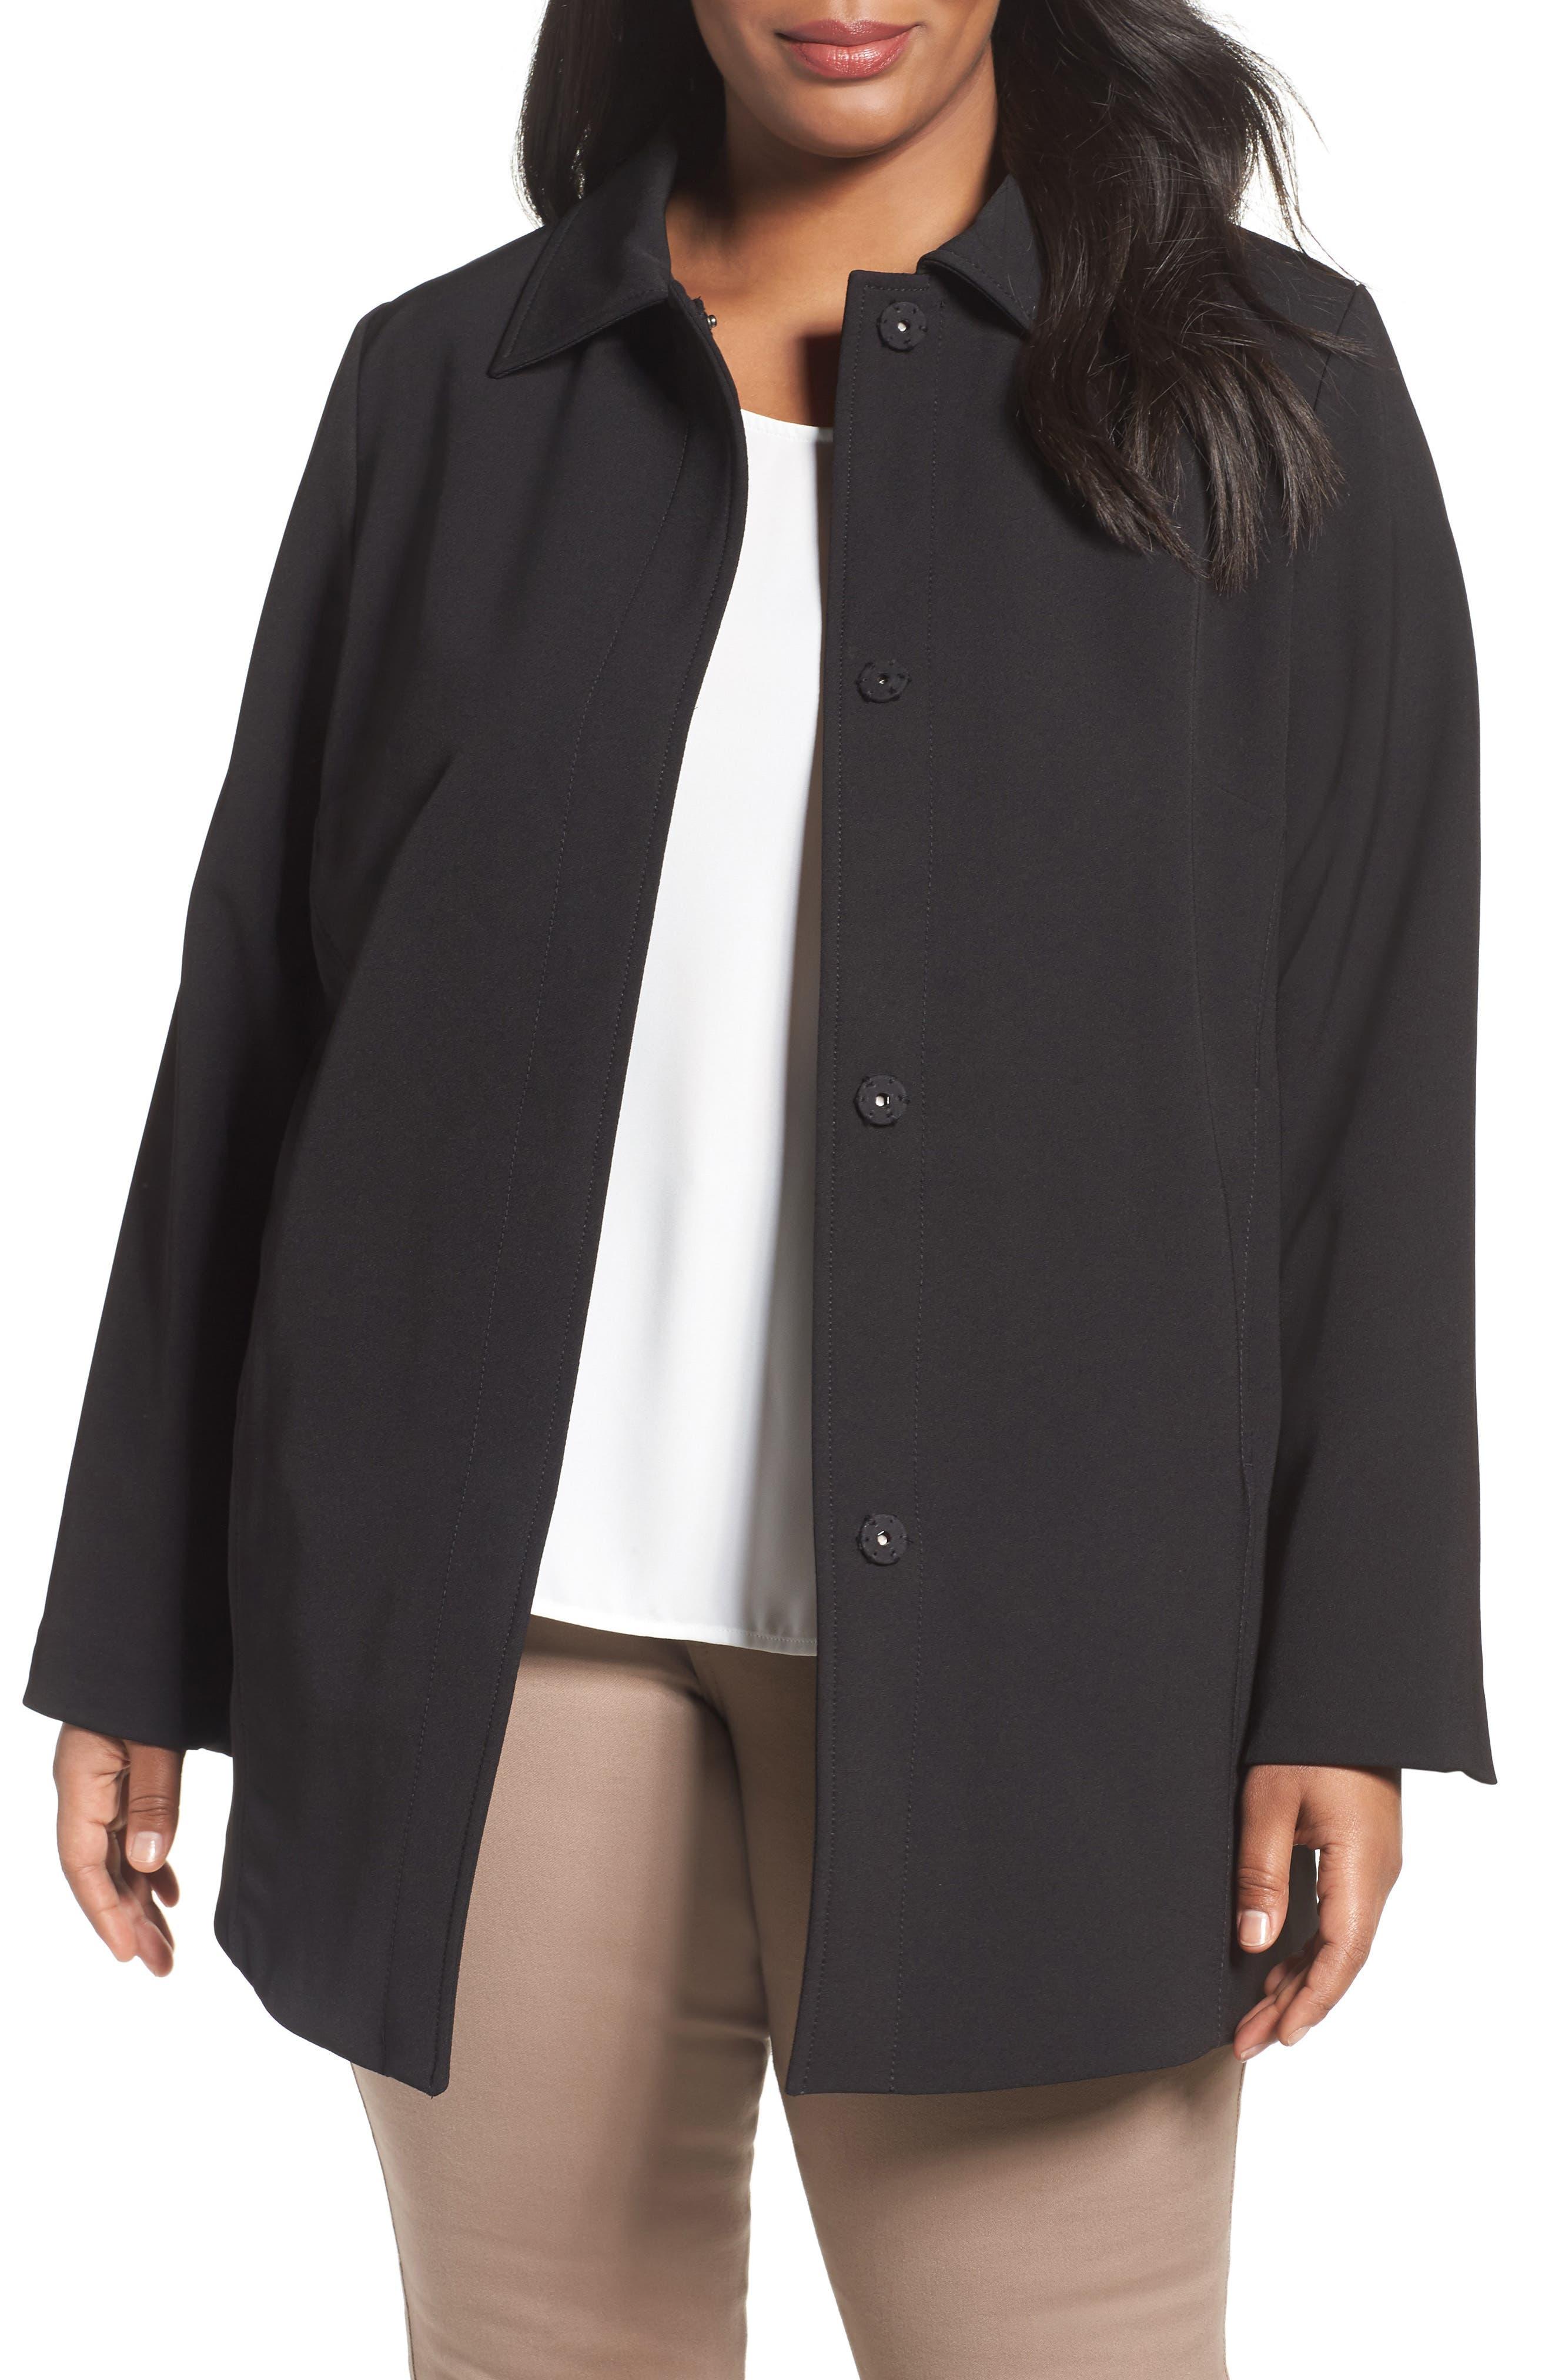 Tahari Jordan A-Line Crepe Coat (Plus Size)